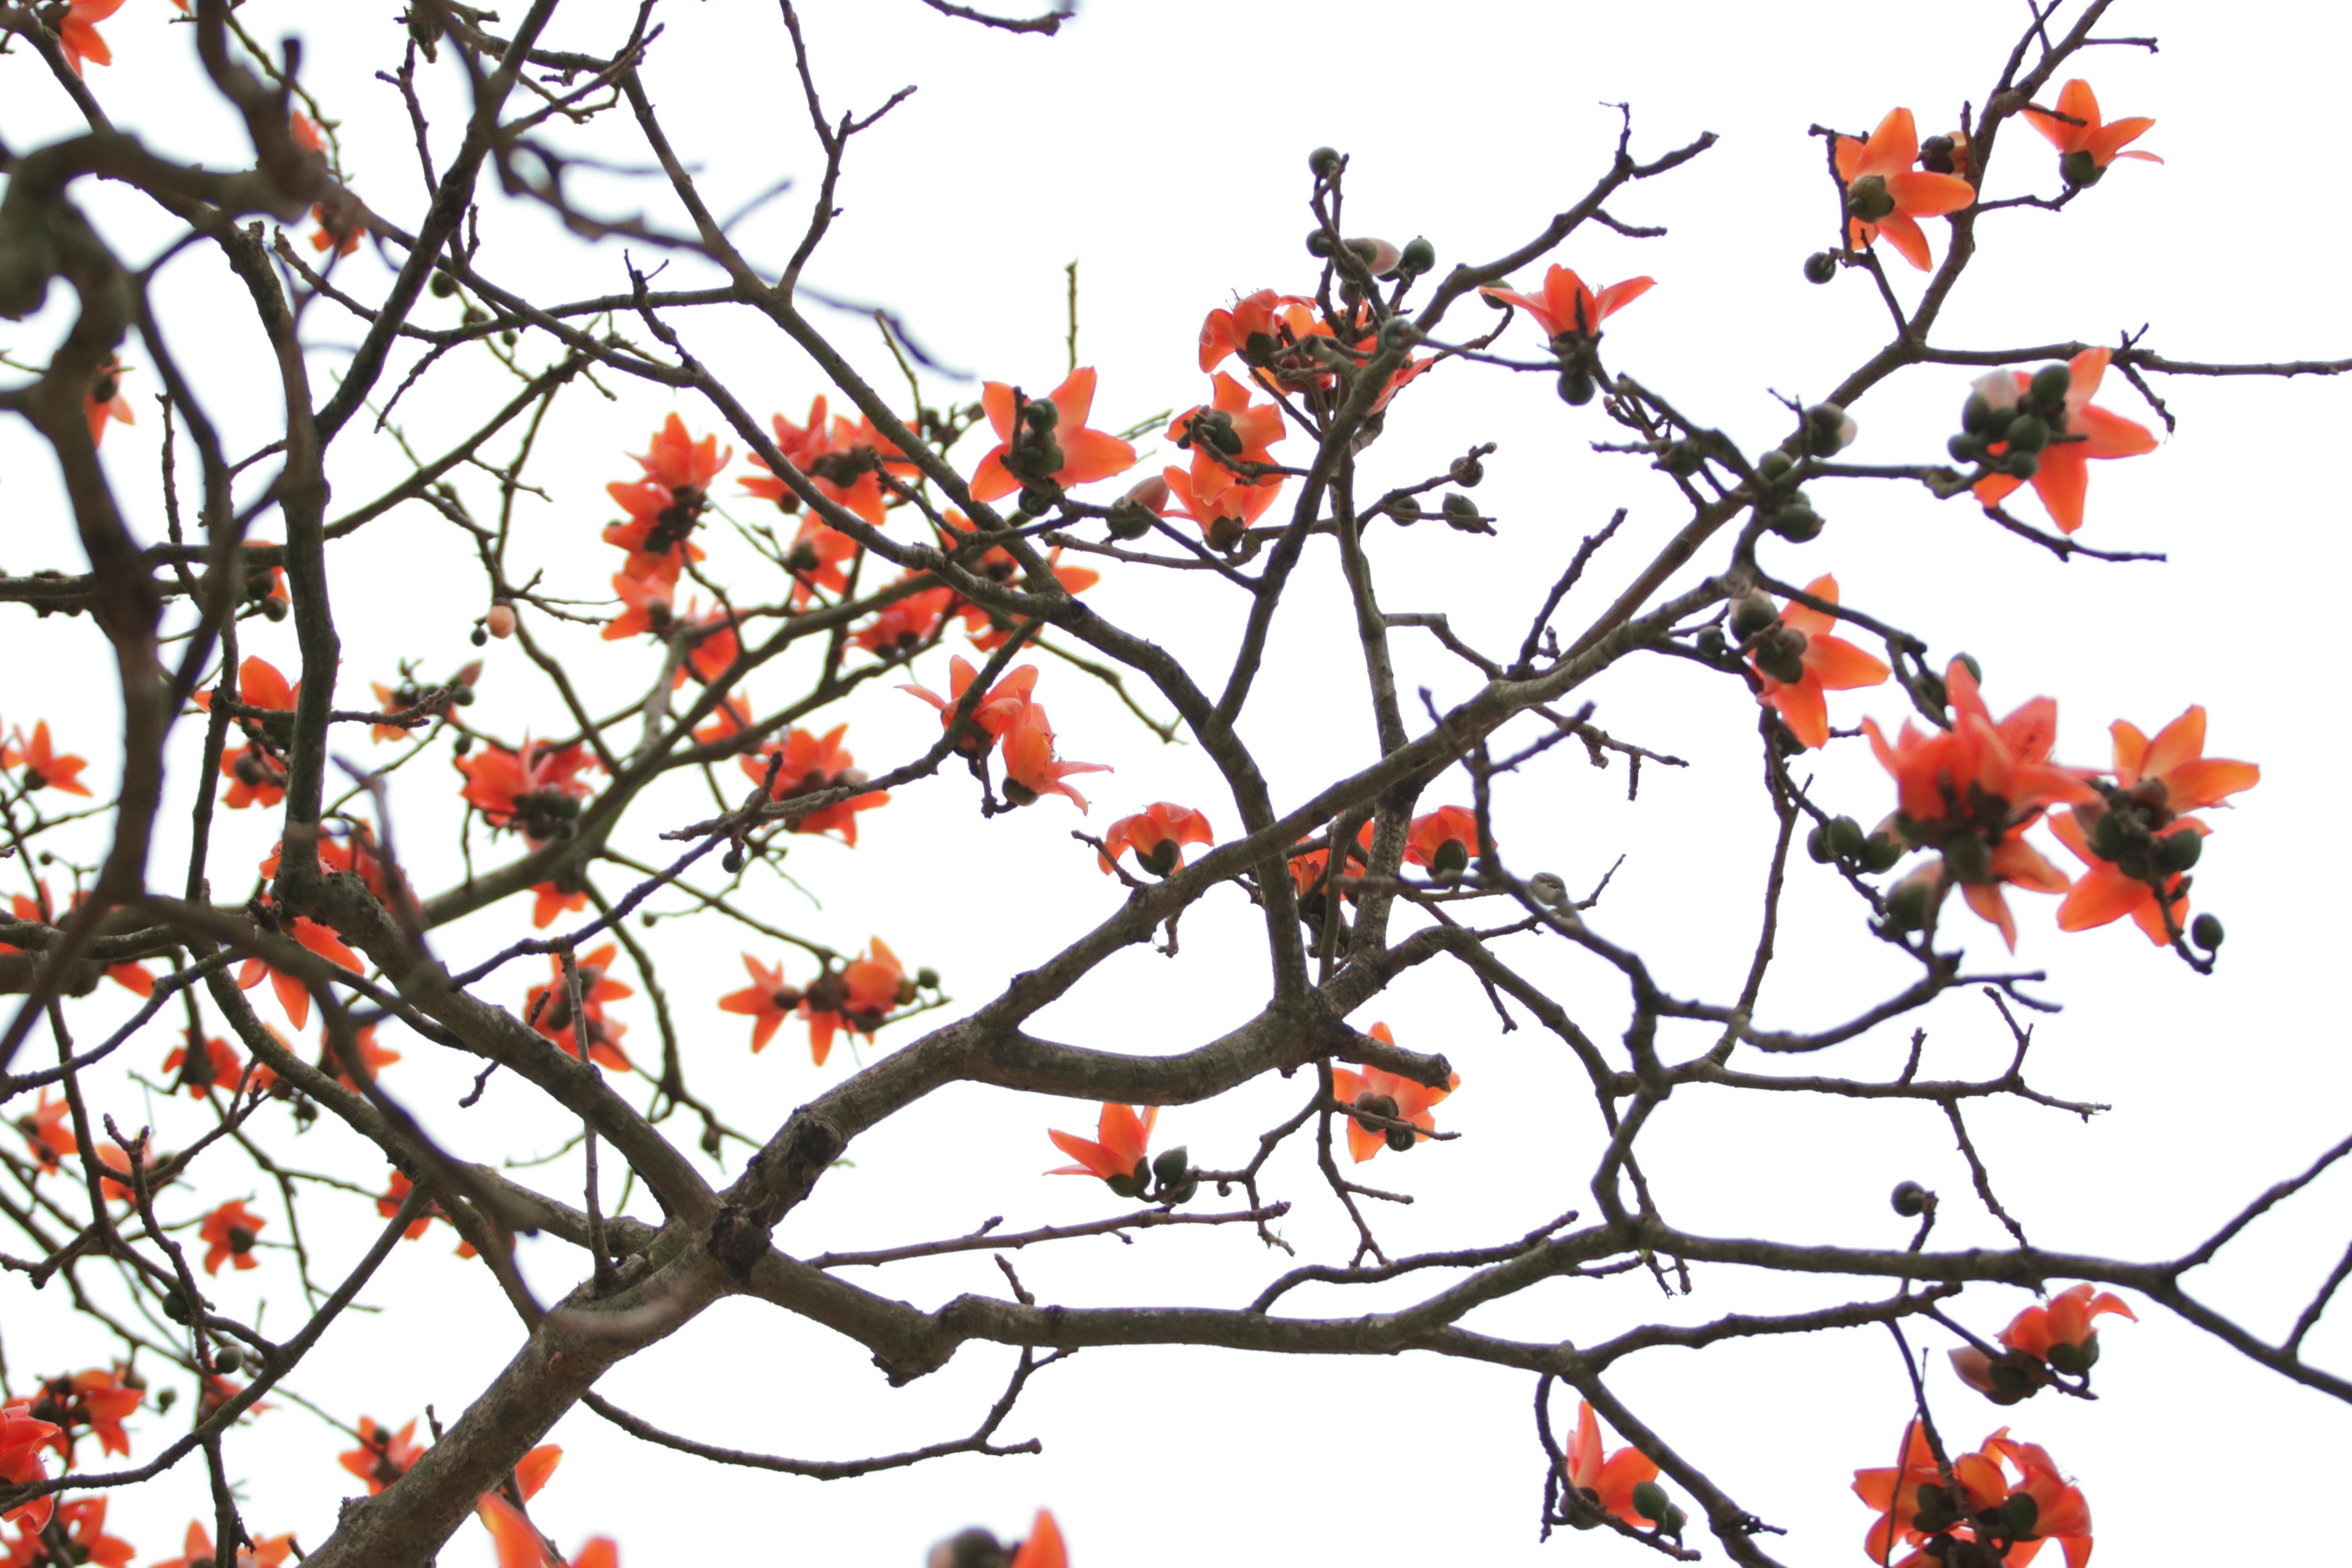 Hoa gạo nhuộm đỏ những góc trời ở ngoại thành Hà Nội - 3